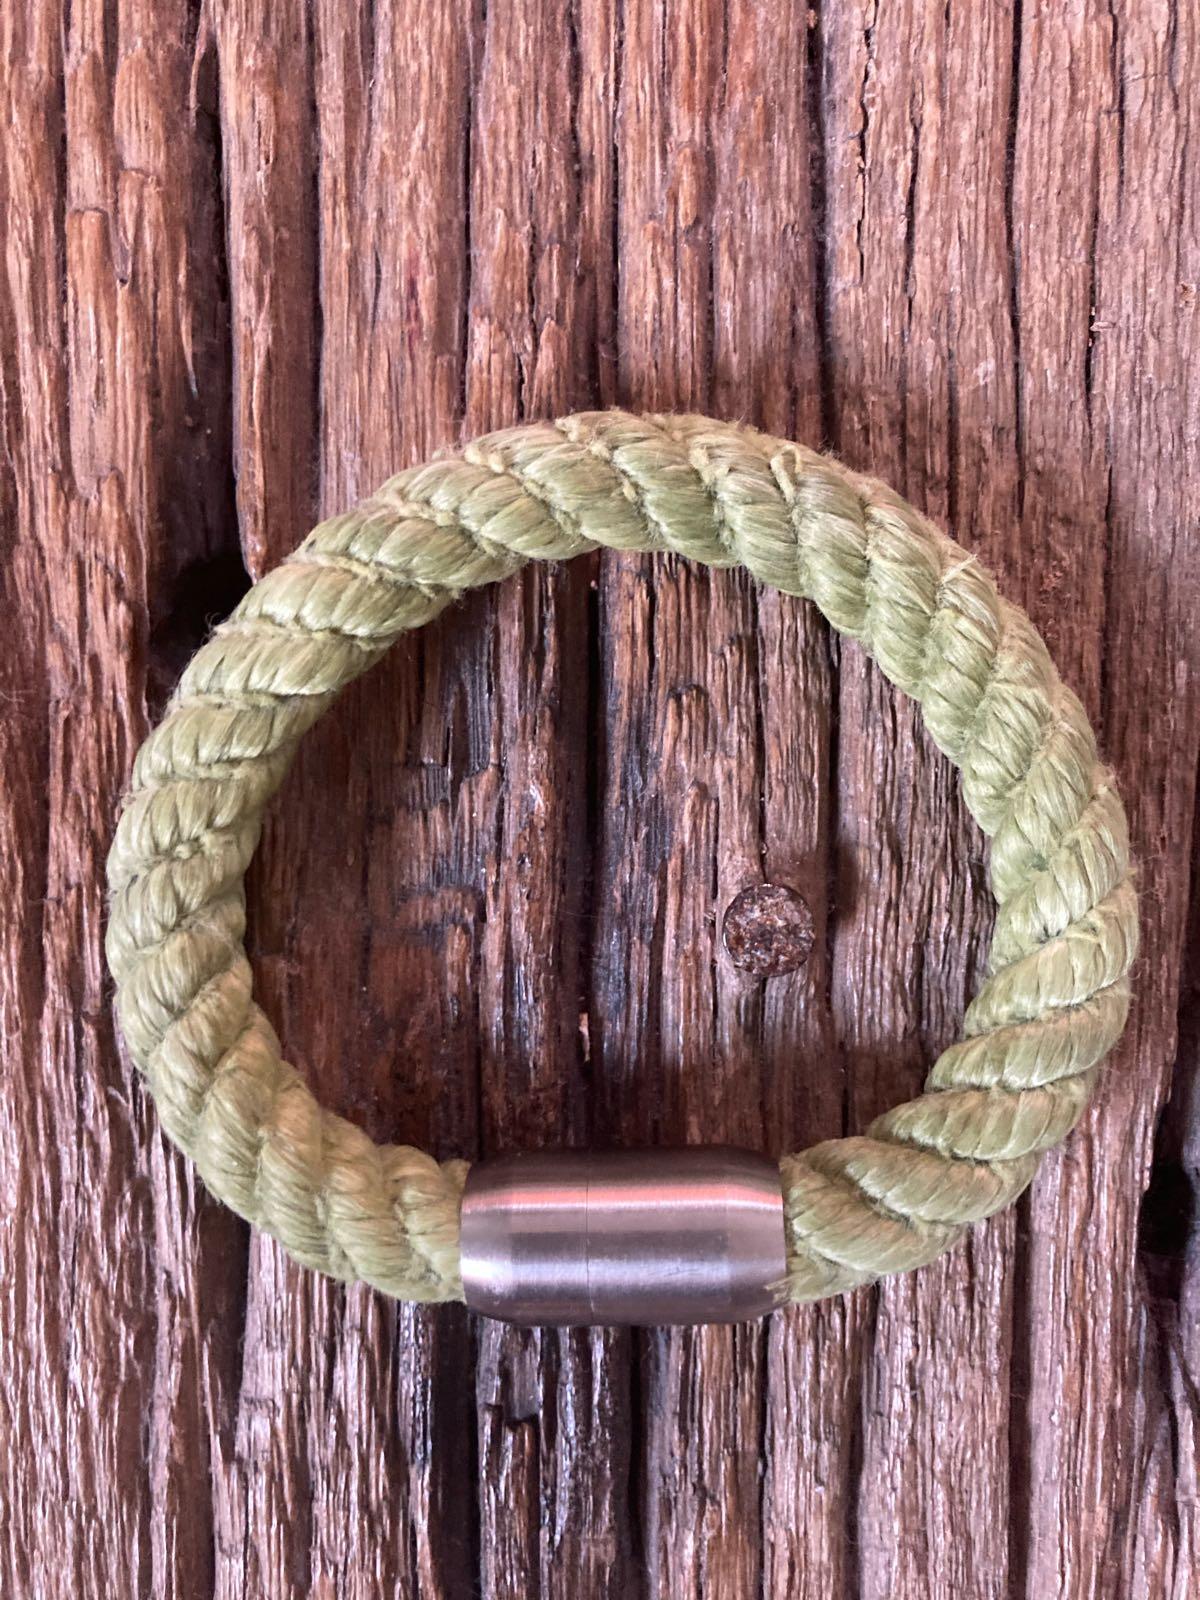 Fischereidesign - Armband grün, 10 mm Edelstahlverschluss